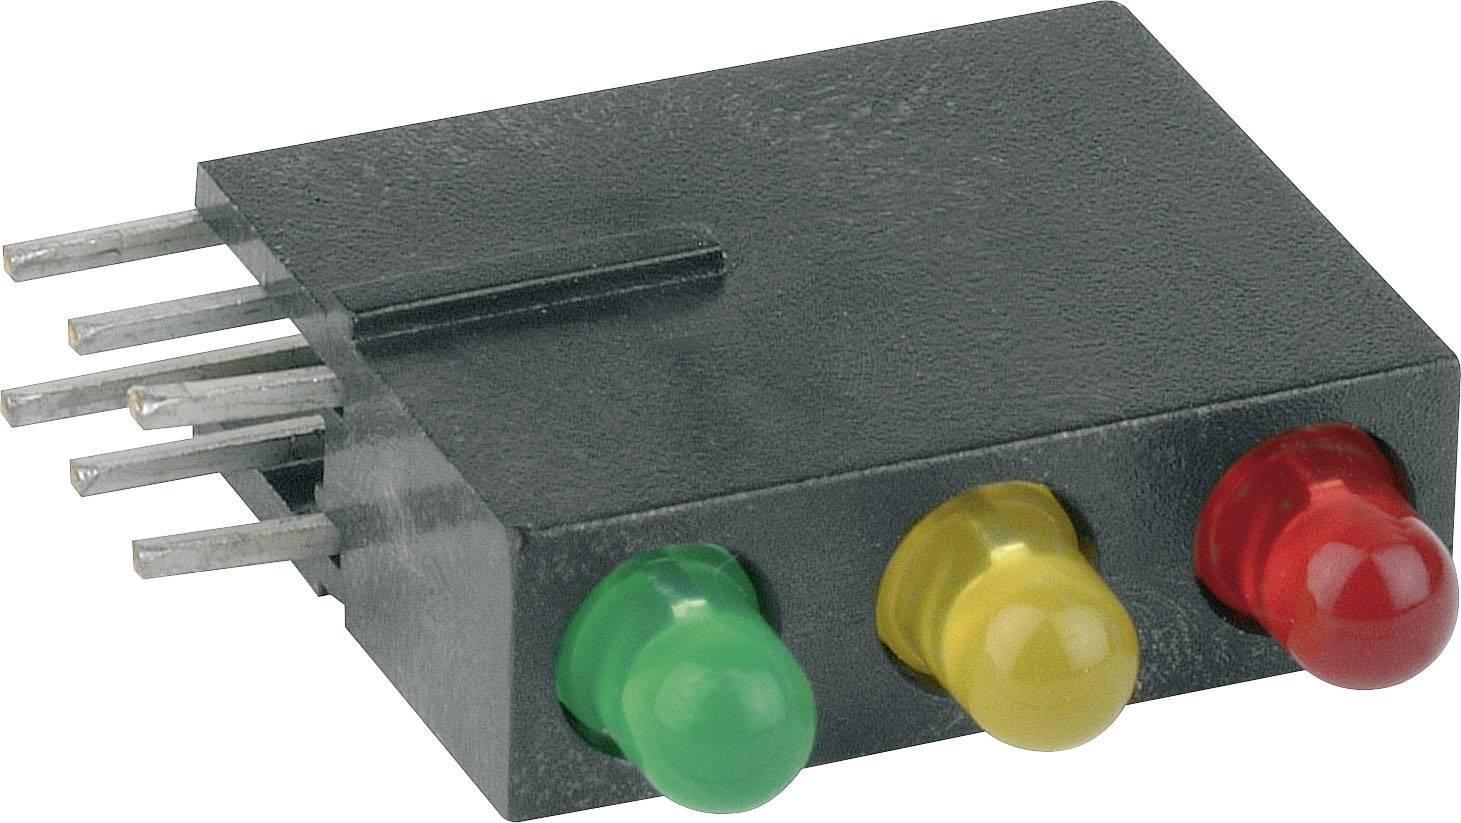 LEDmodul Mentor 1881.8720 (š x v x h) 5.08 x 15.24 x 12.5 mm, červená, žltá, zelená